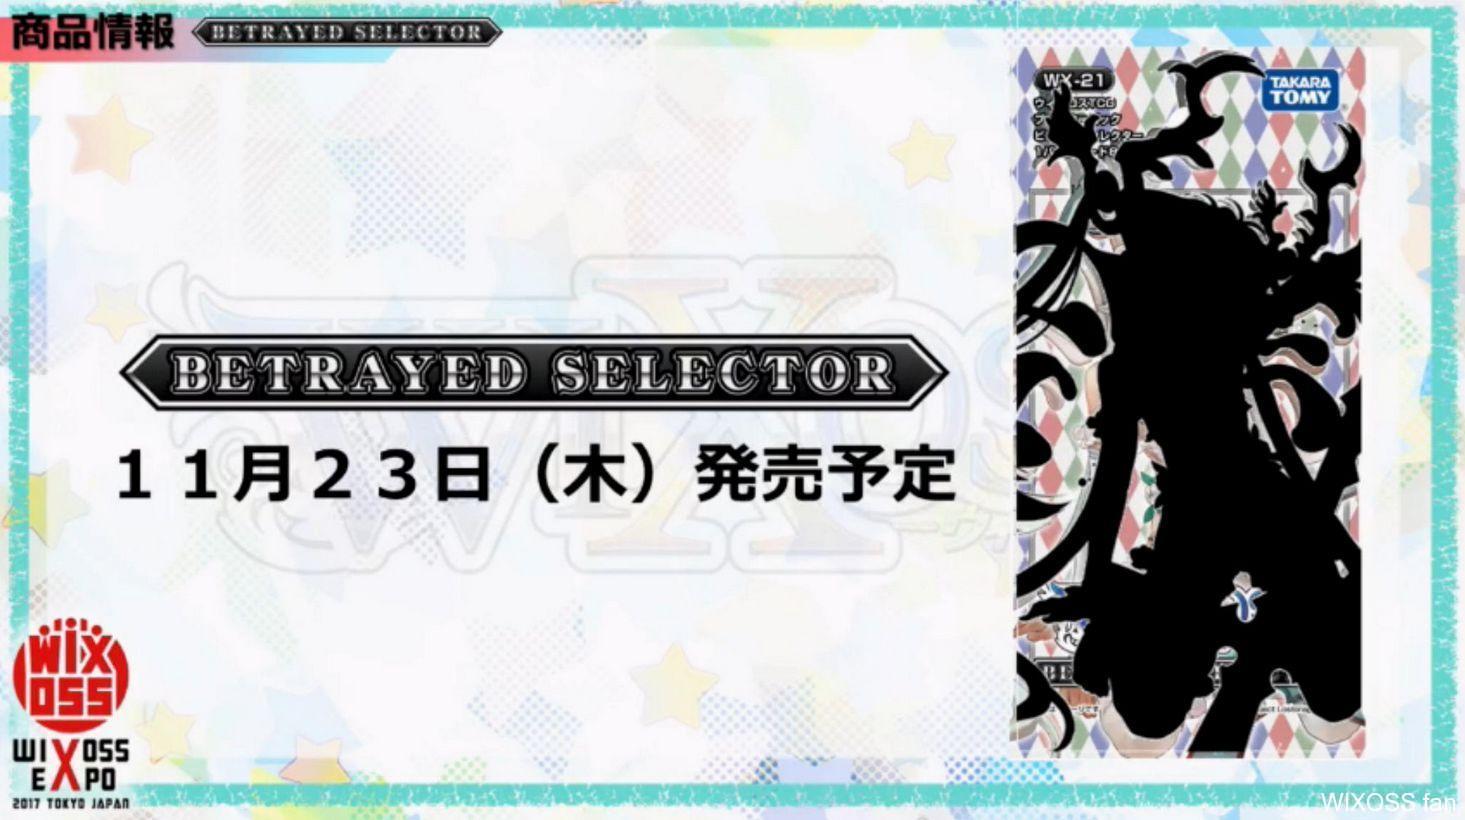 ウィクロス第21弾「BETRAYED SELECTOR(ビトレイドセレクター)」の情報が公開!